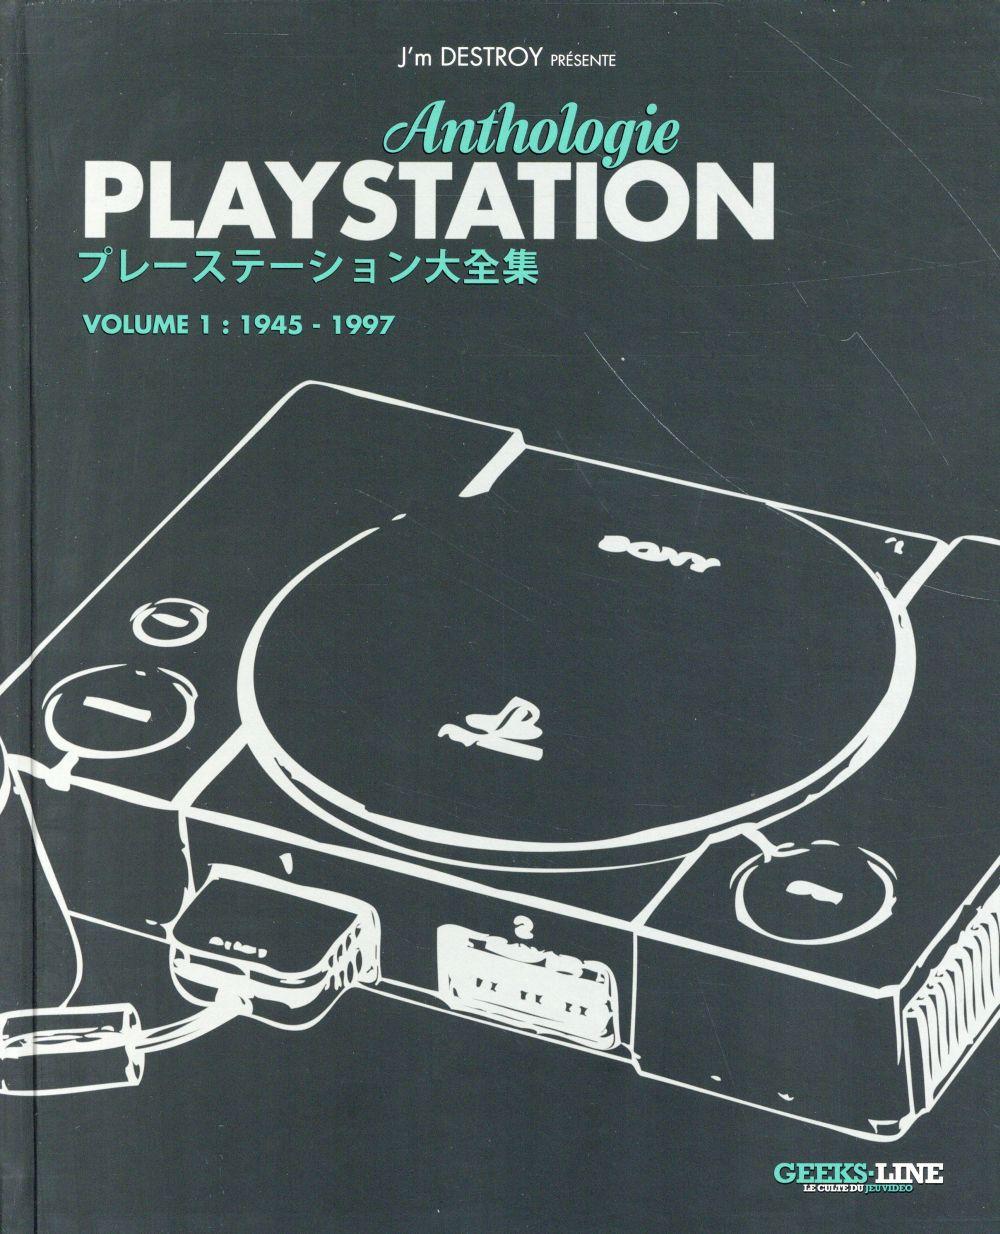 PLAYSTATION ANTHOLOGIE VOLUME 1  1945 1997